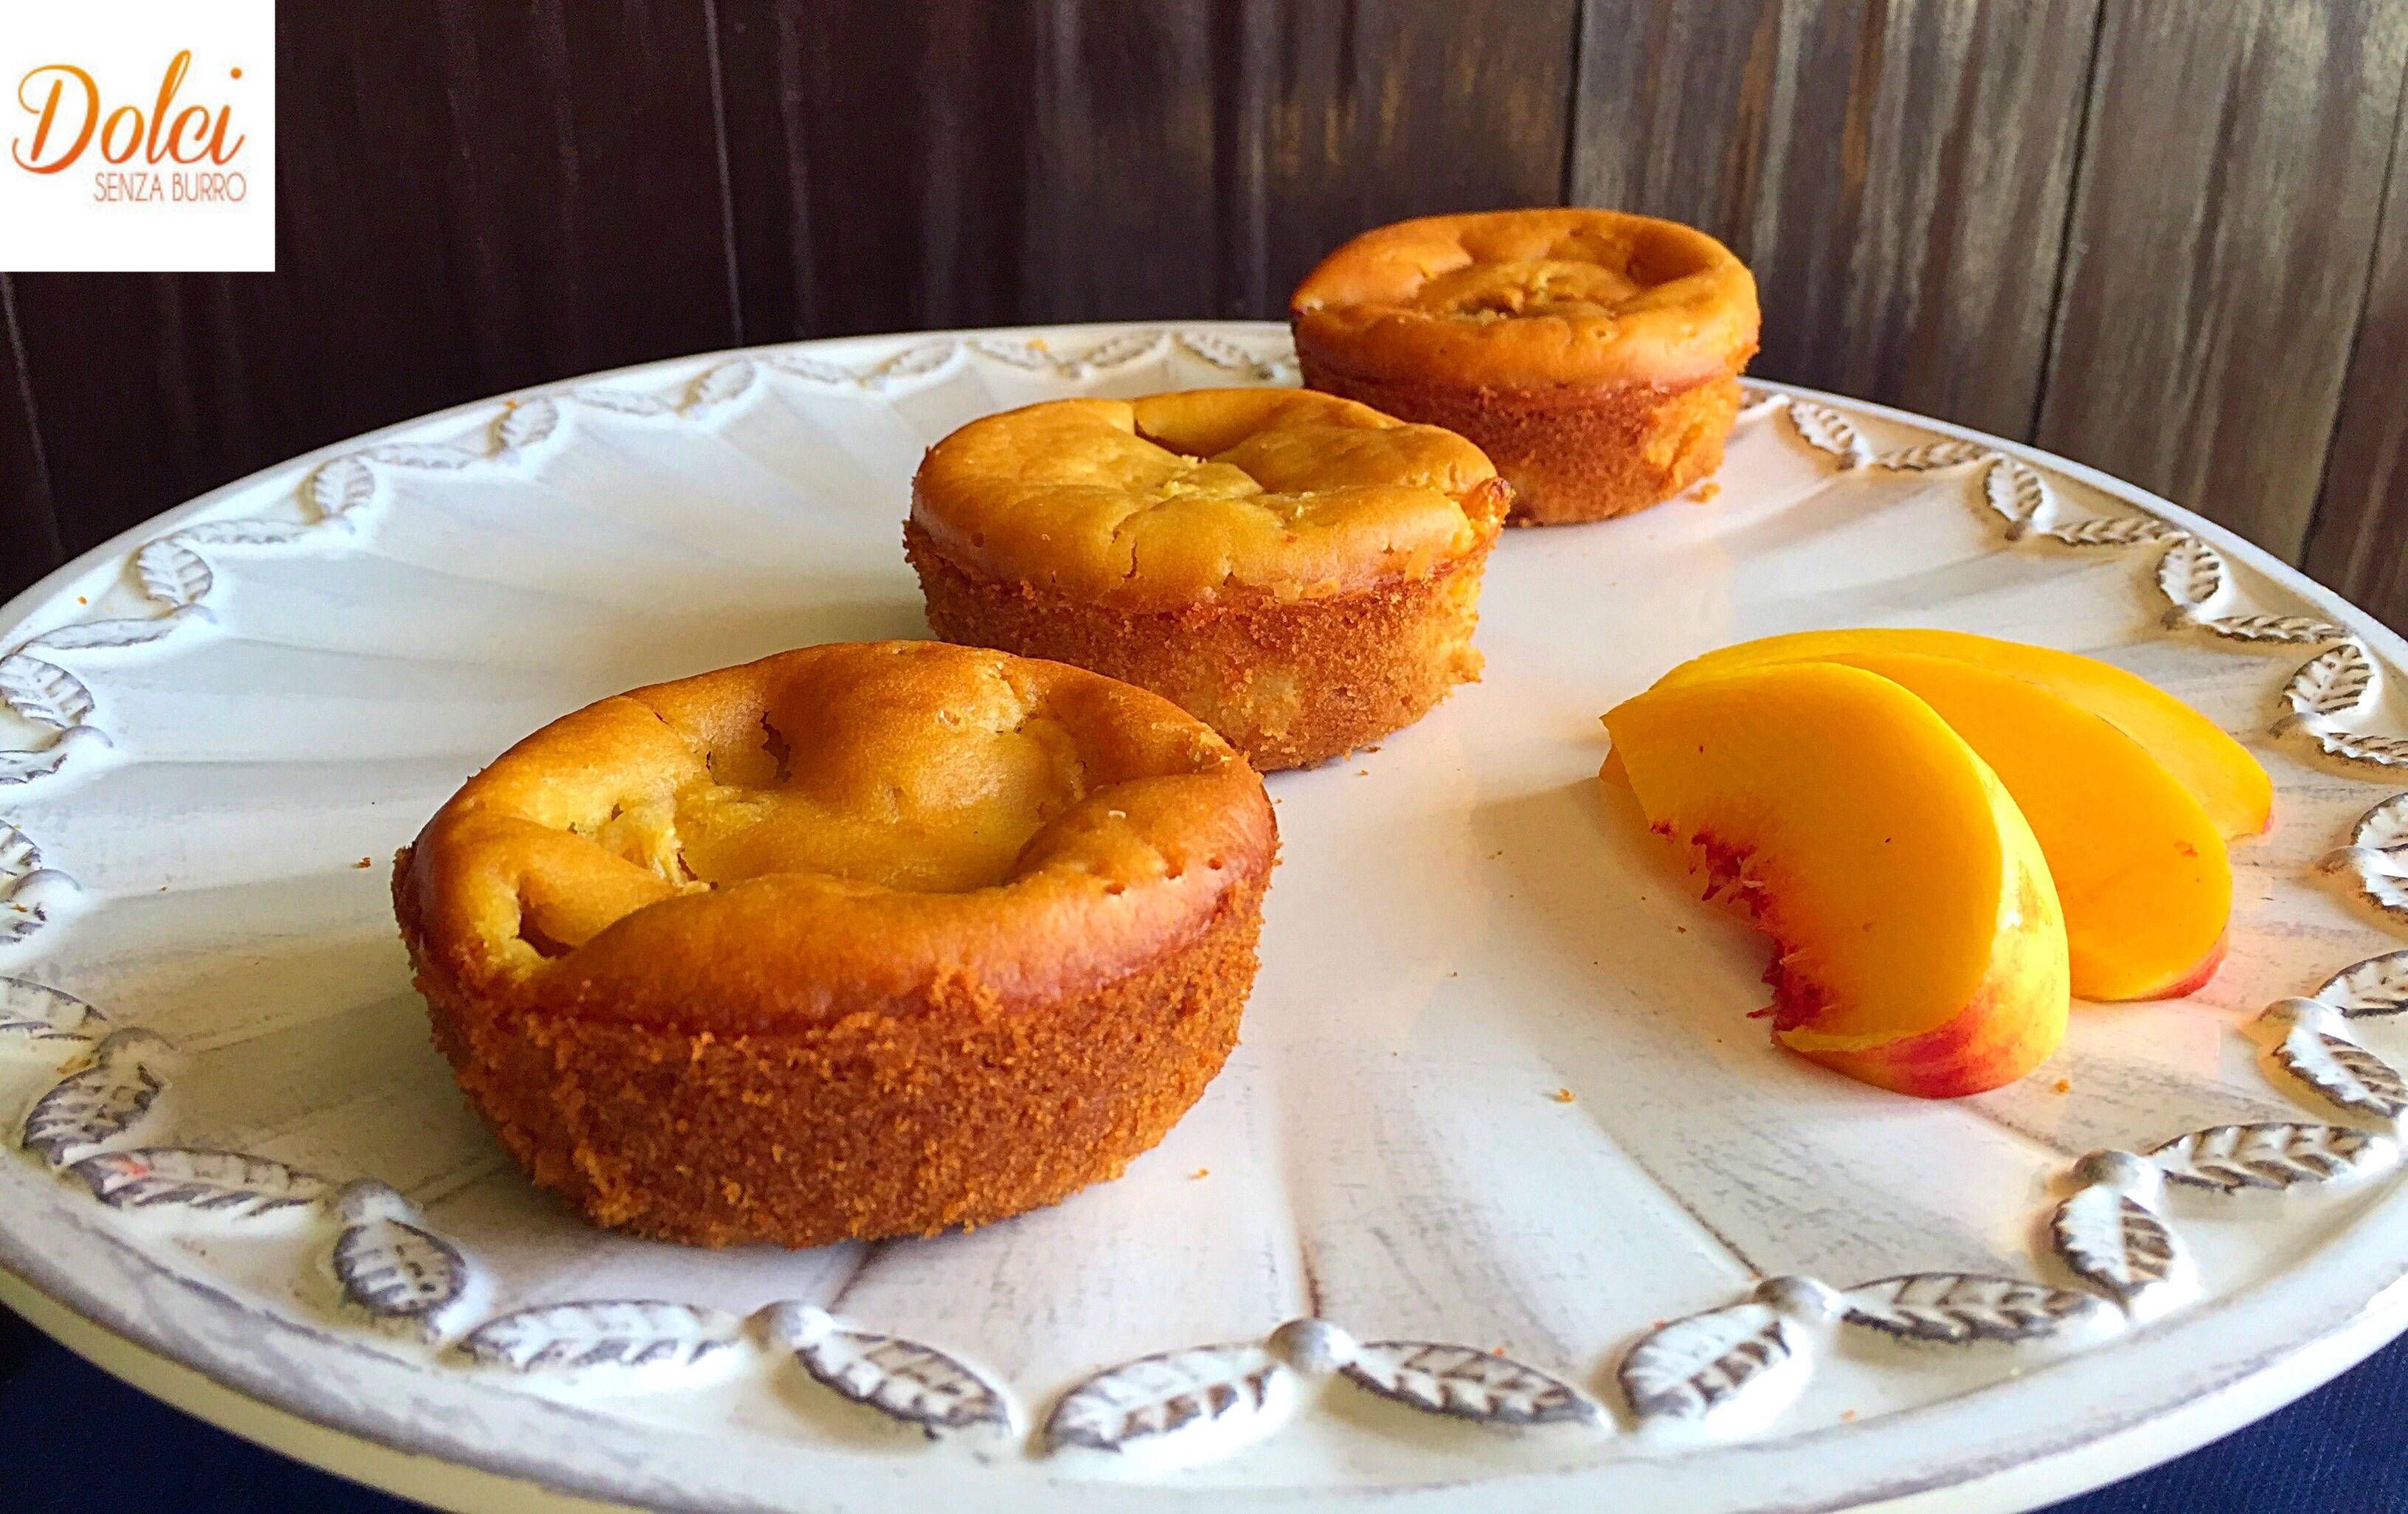 Le Tortine Senza Burro alle Pesche sono delle golose e soffici mini cake preparate da dolci senza burro